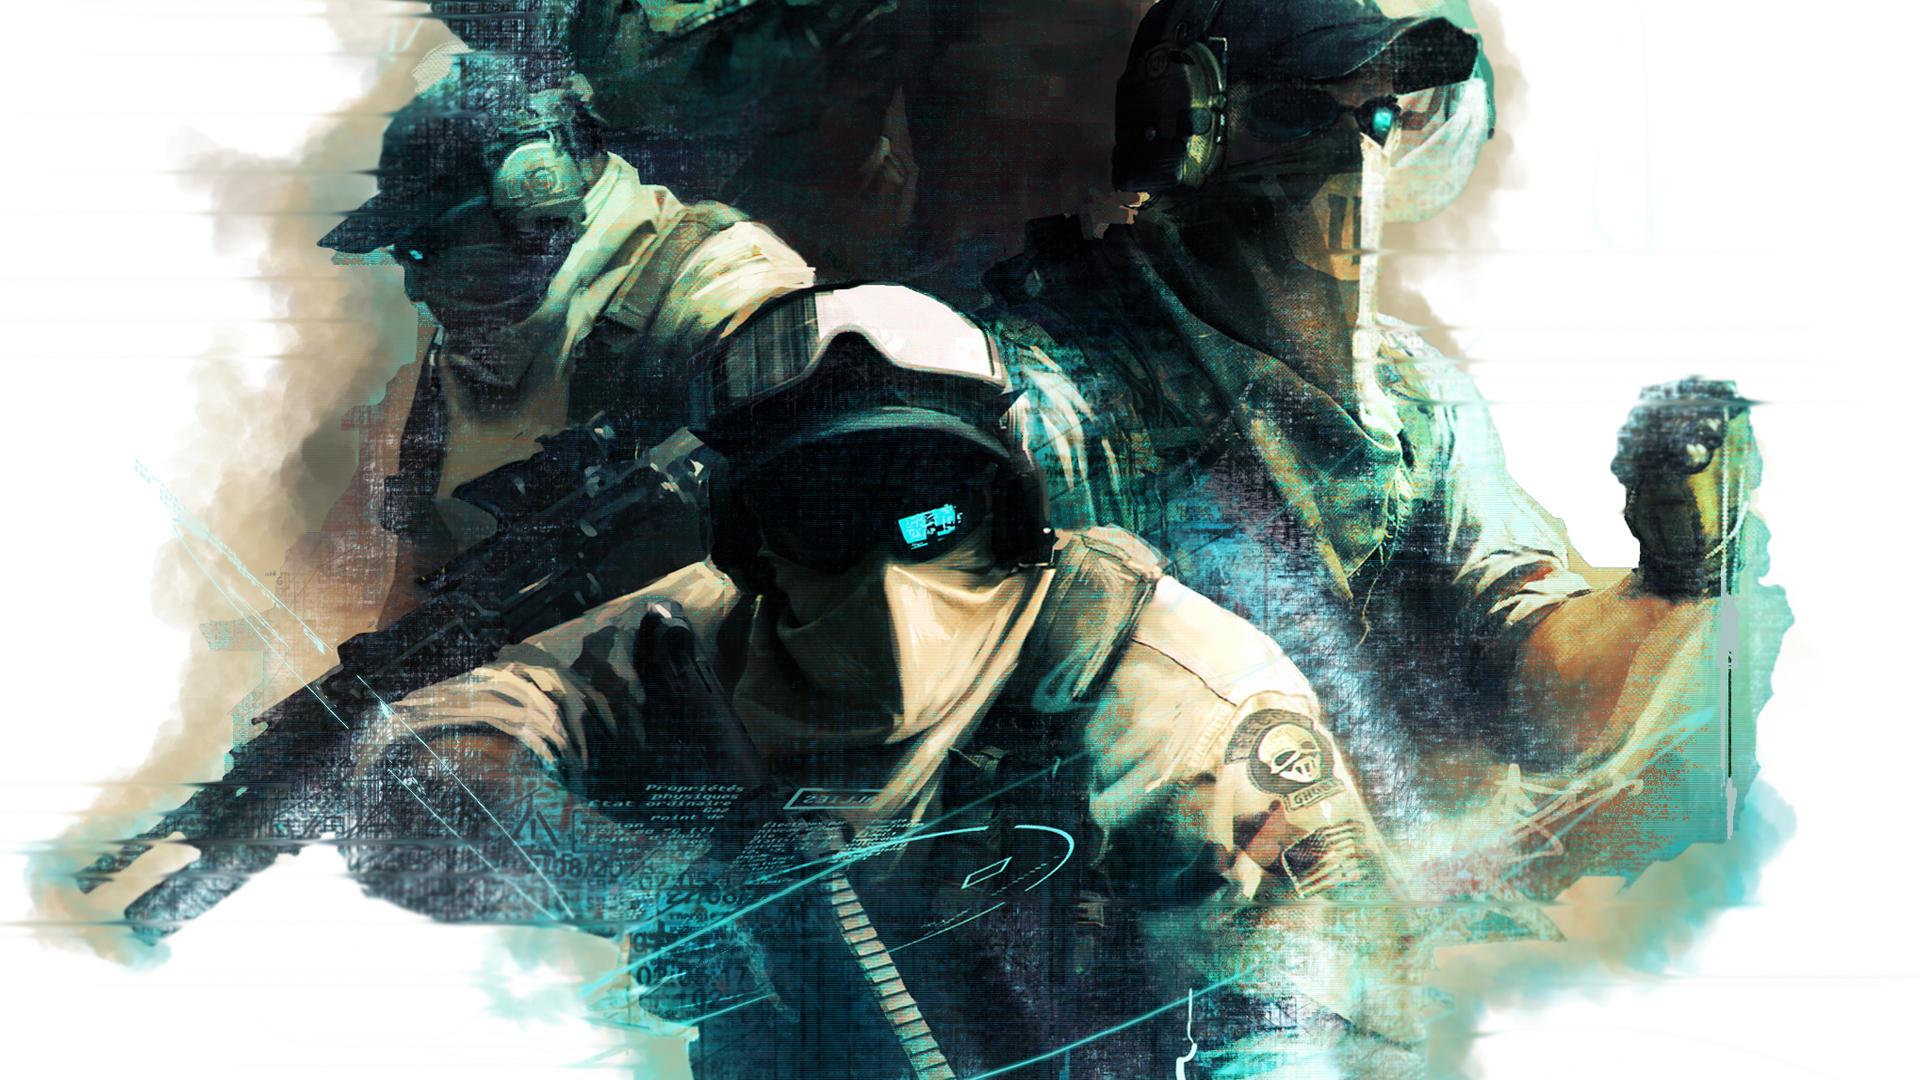 Ghost Recon Future Soldier wallpaper   1176670 1920x1080